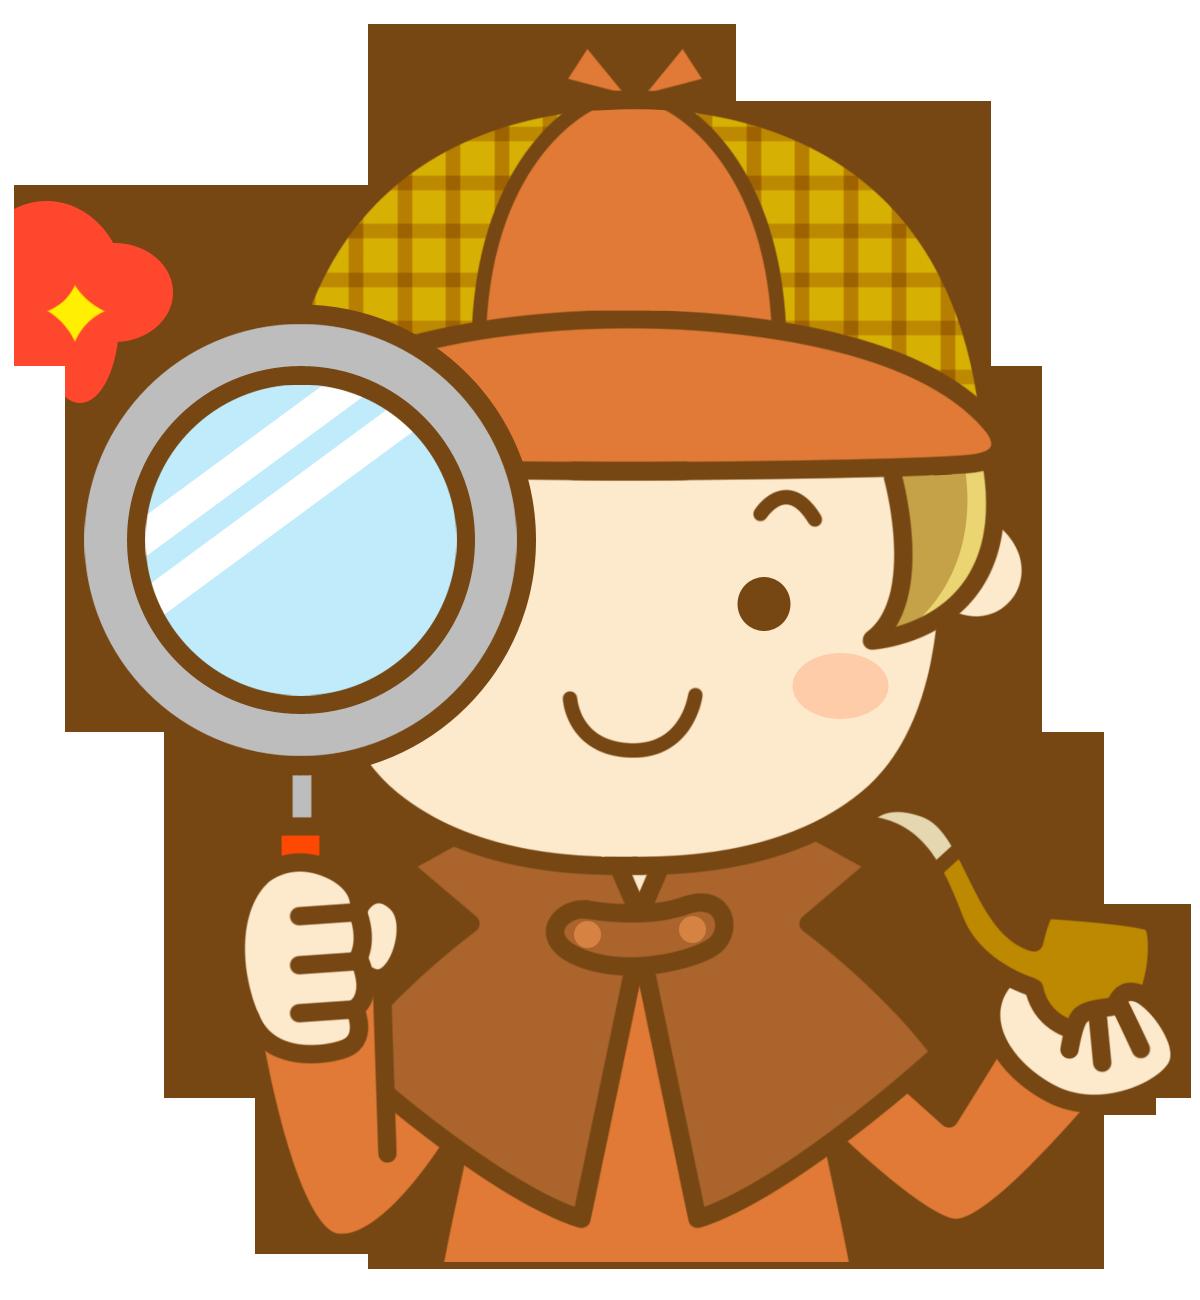 探偵比較サイト|元探偵が教える【失敗した人の初めての浮気調査 】管理人の探偵雷太(探偵専門ライター)